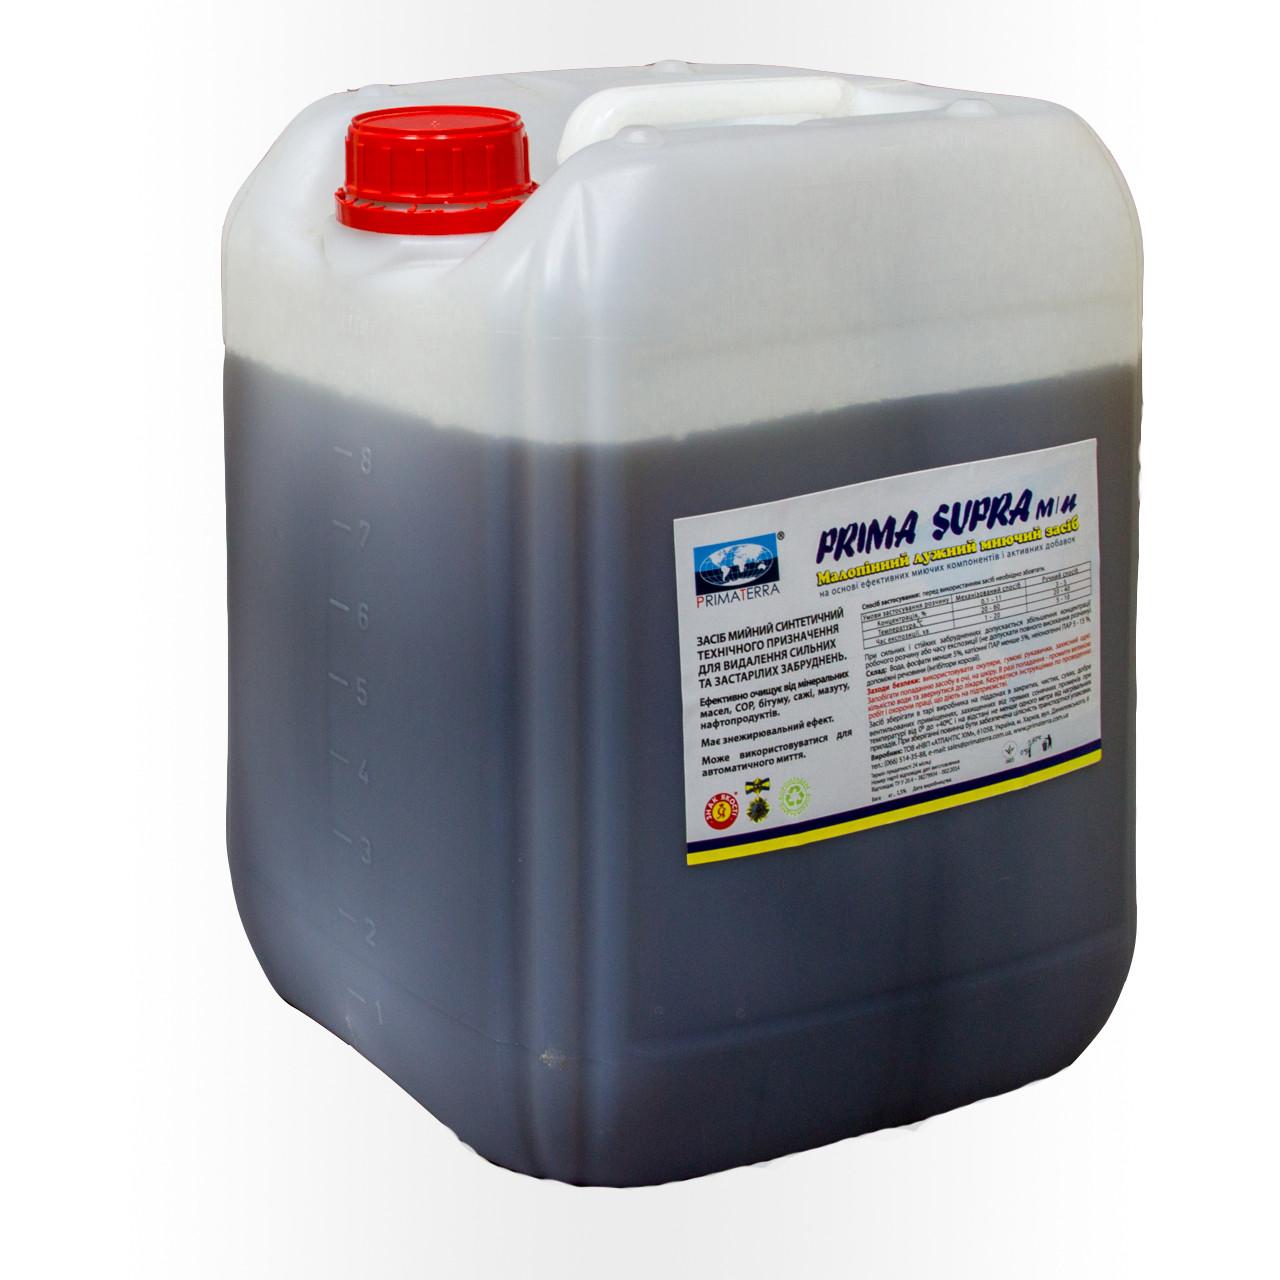 Для удаления ГСМ, мазута, масел, малопенное, концентрат Supra м/п (12кг)